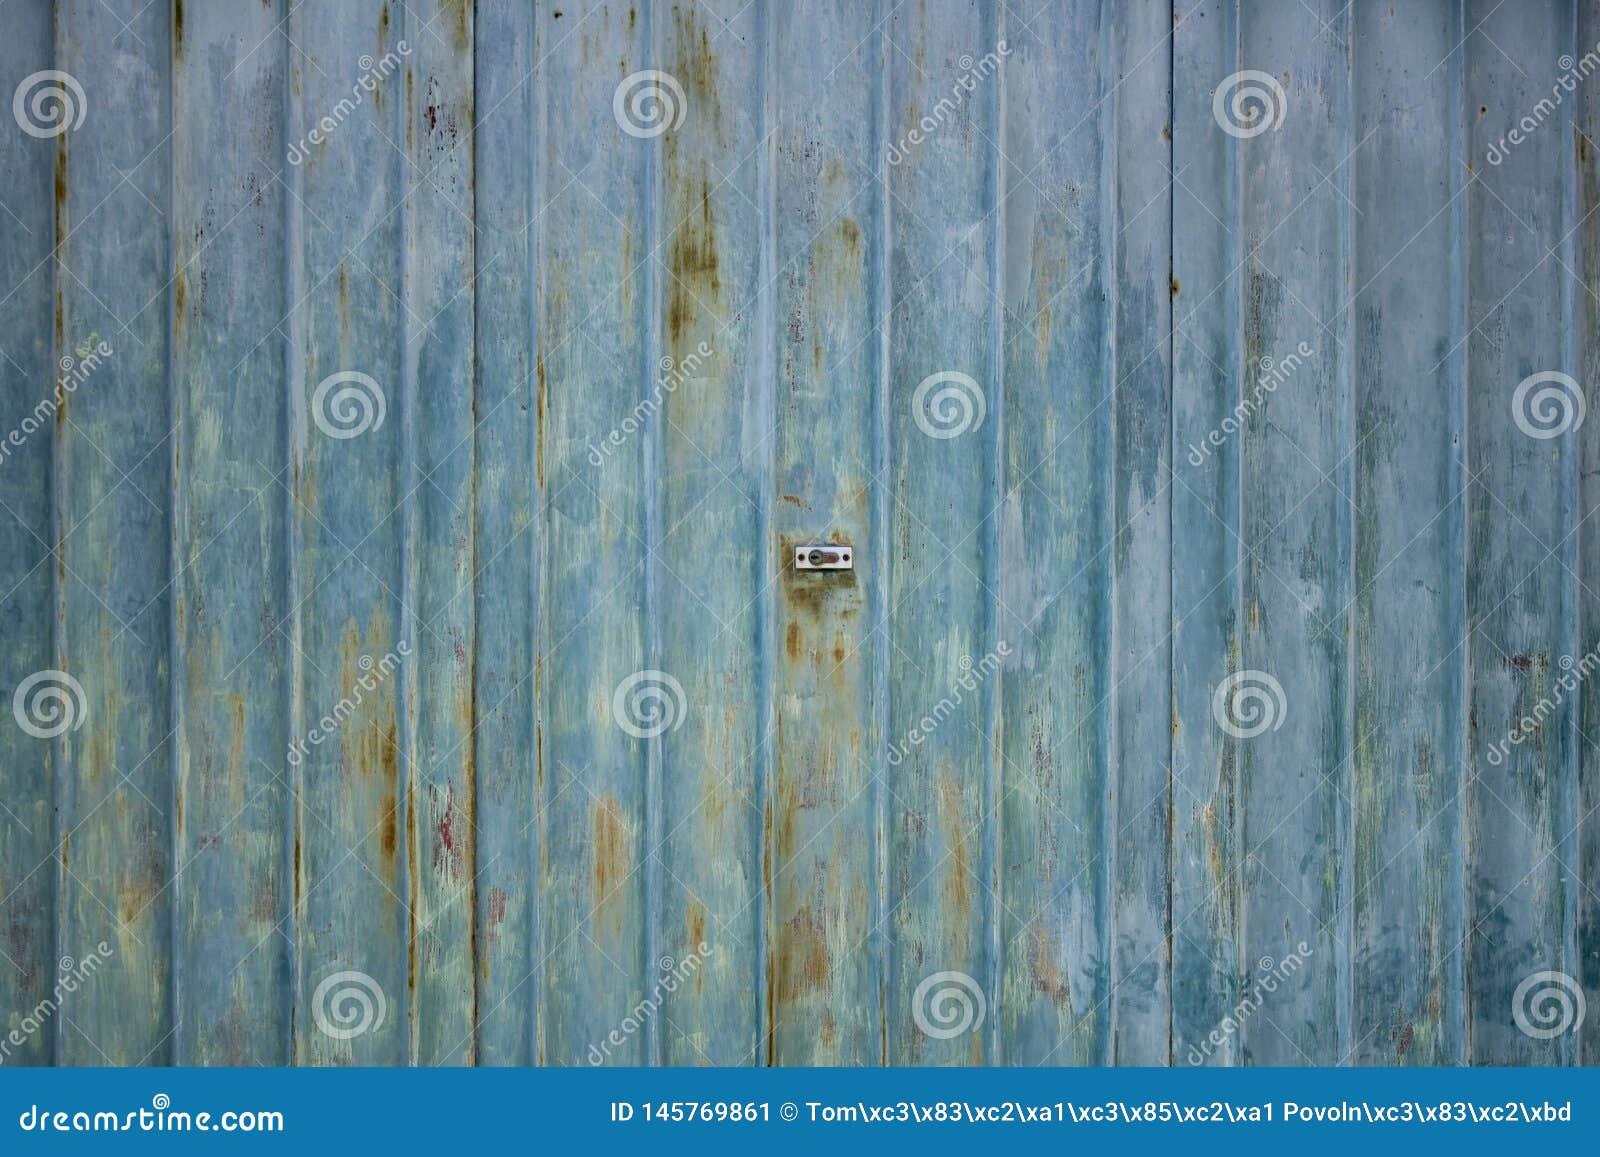 Textura oxidada acanalada de las puertas del garaje del metal con la cerradura en el centro